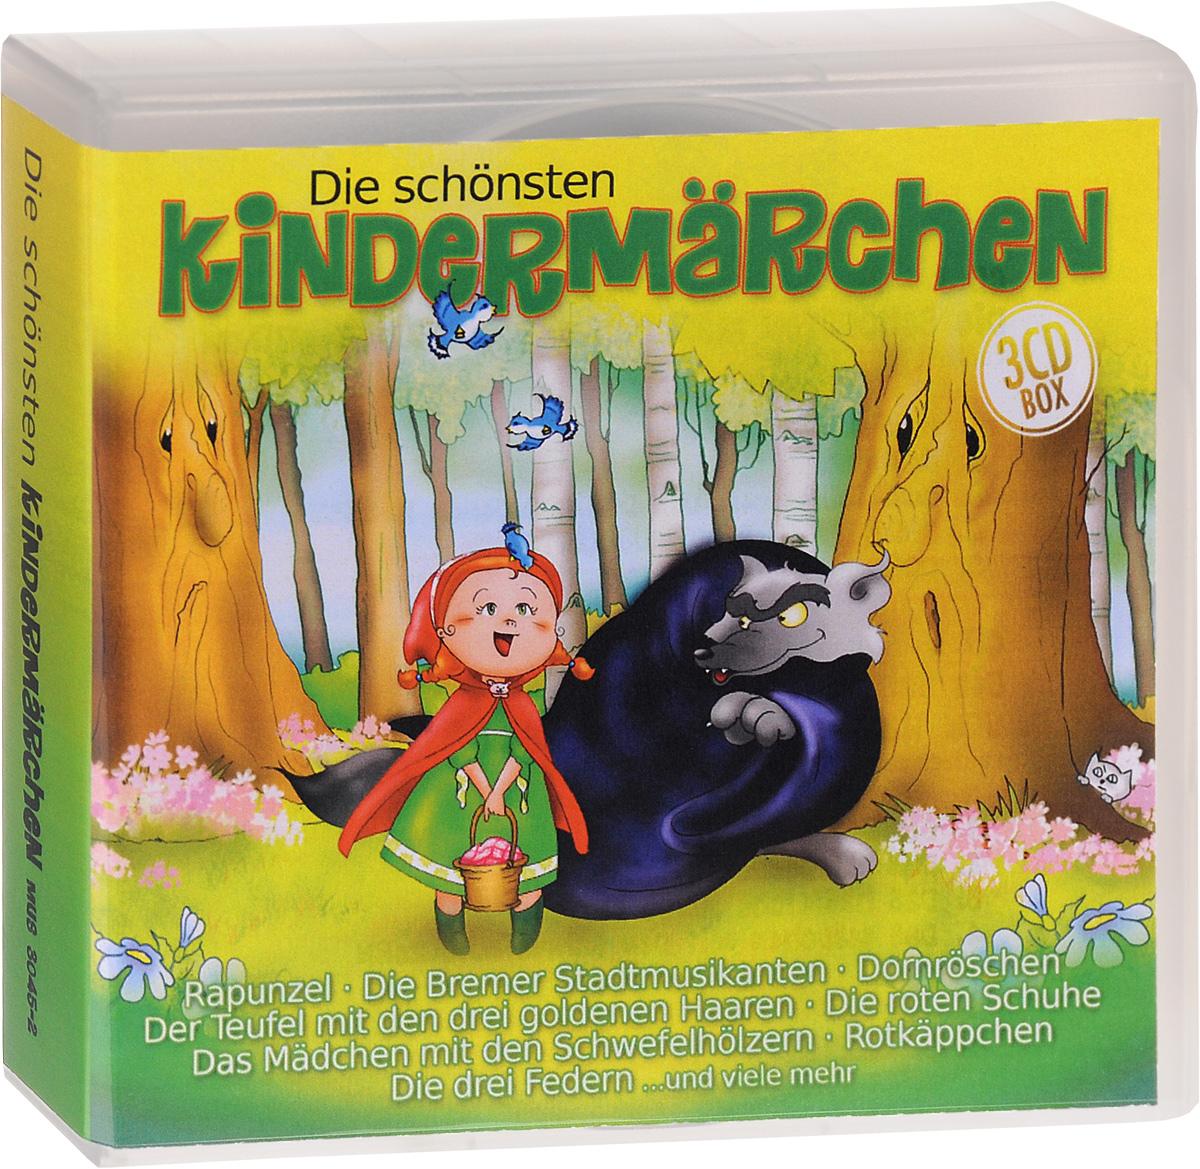 Die Schonsten Kindermarchen (3 CD) stille nacht die 24 schonsten weihnachtslieder